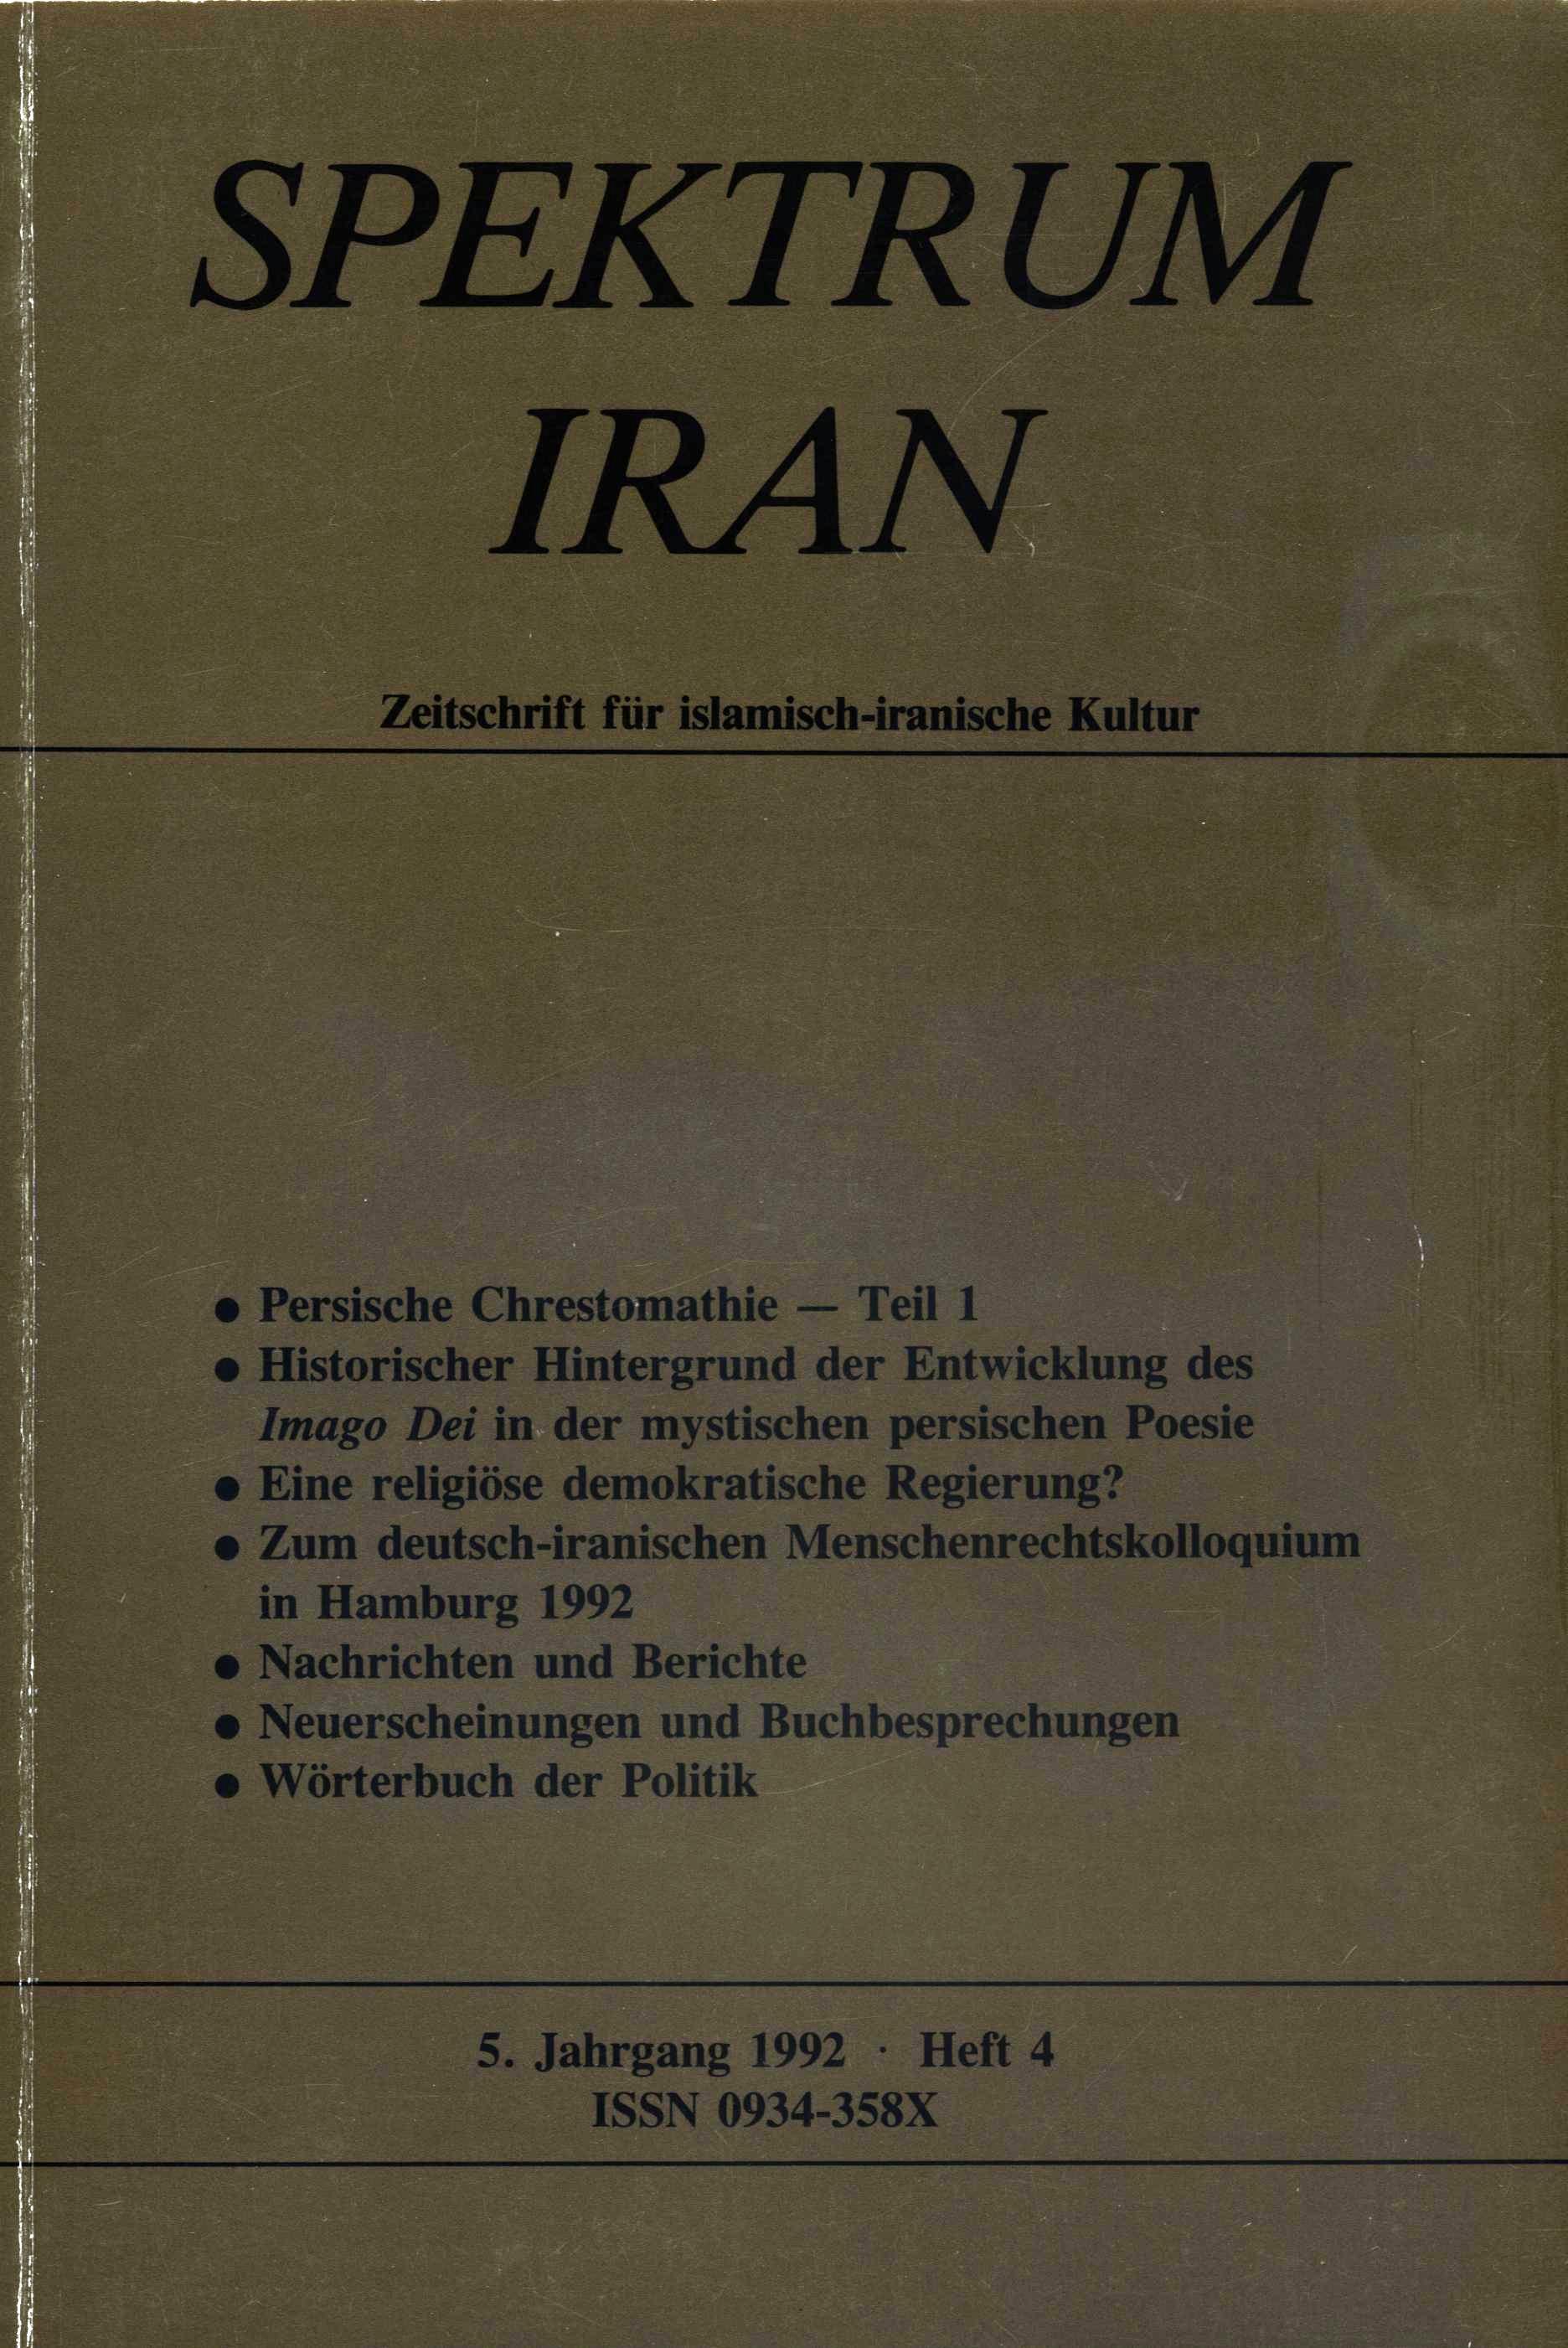 Spektrum Iran 4 - 1992